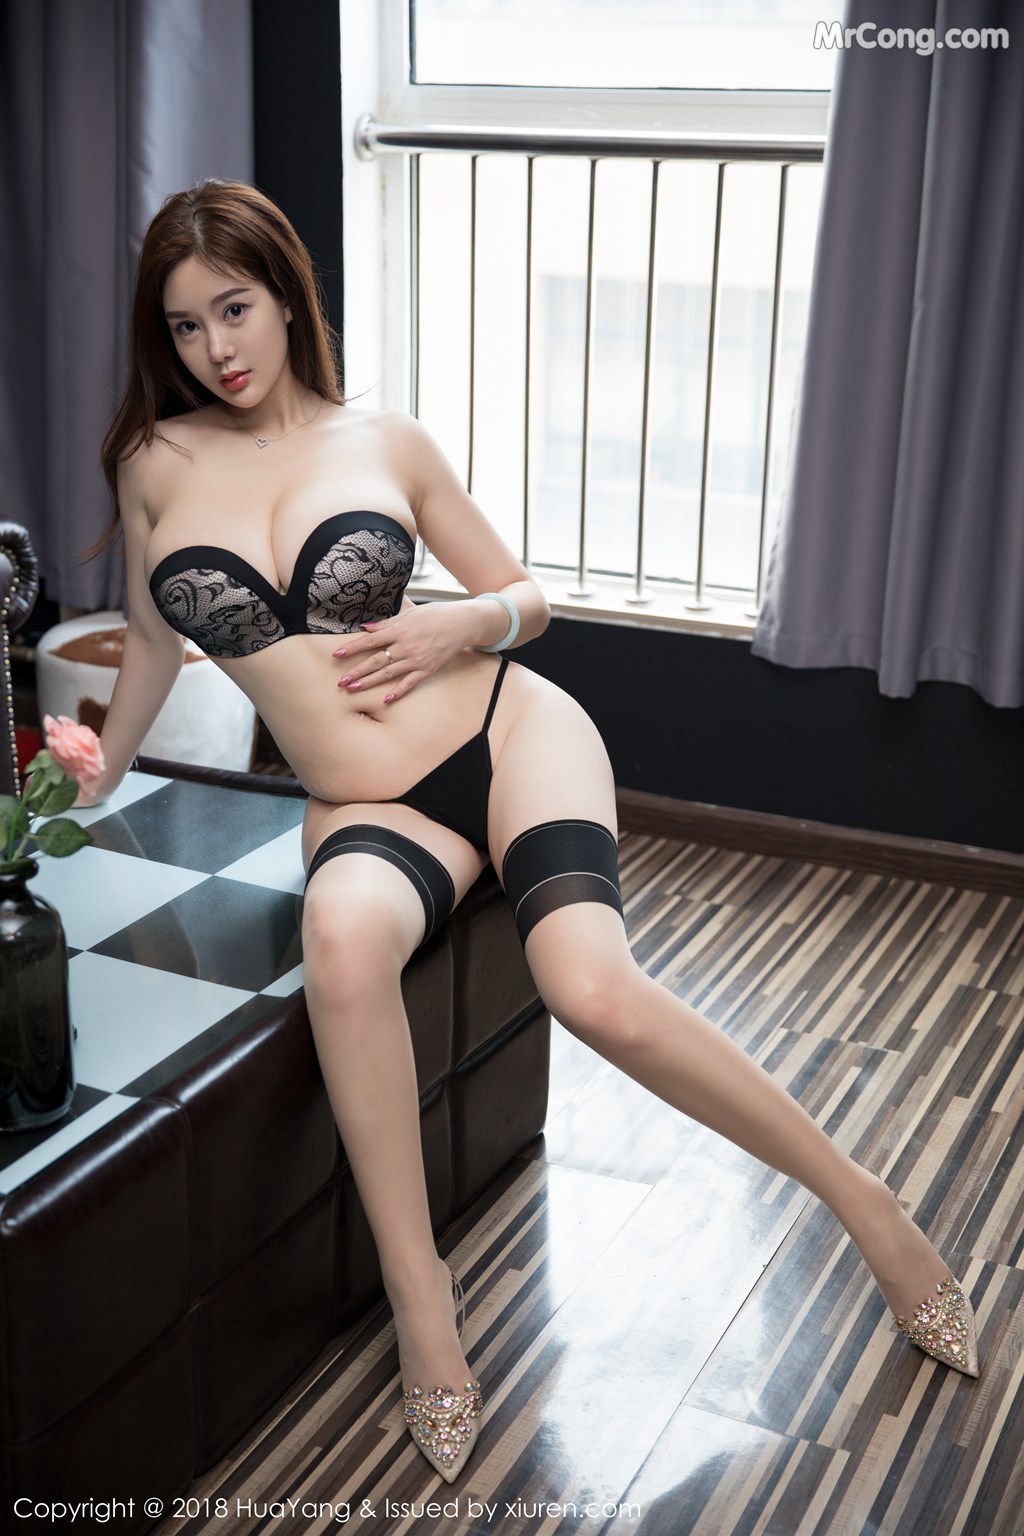 Image HuaYang-2018-08-09-Vol.068-Silvia-MrCong.com-037 in post HuaYang 2018-08-09 Vol.068: Người mẫu 易阳Silvia (41 ảnh)